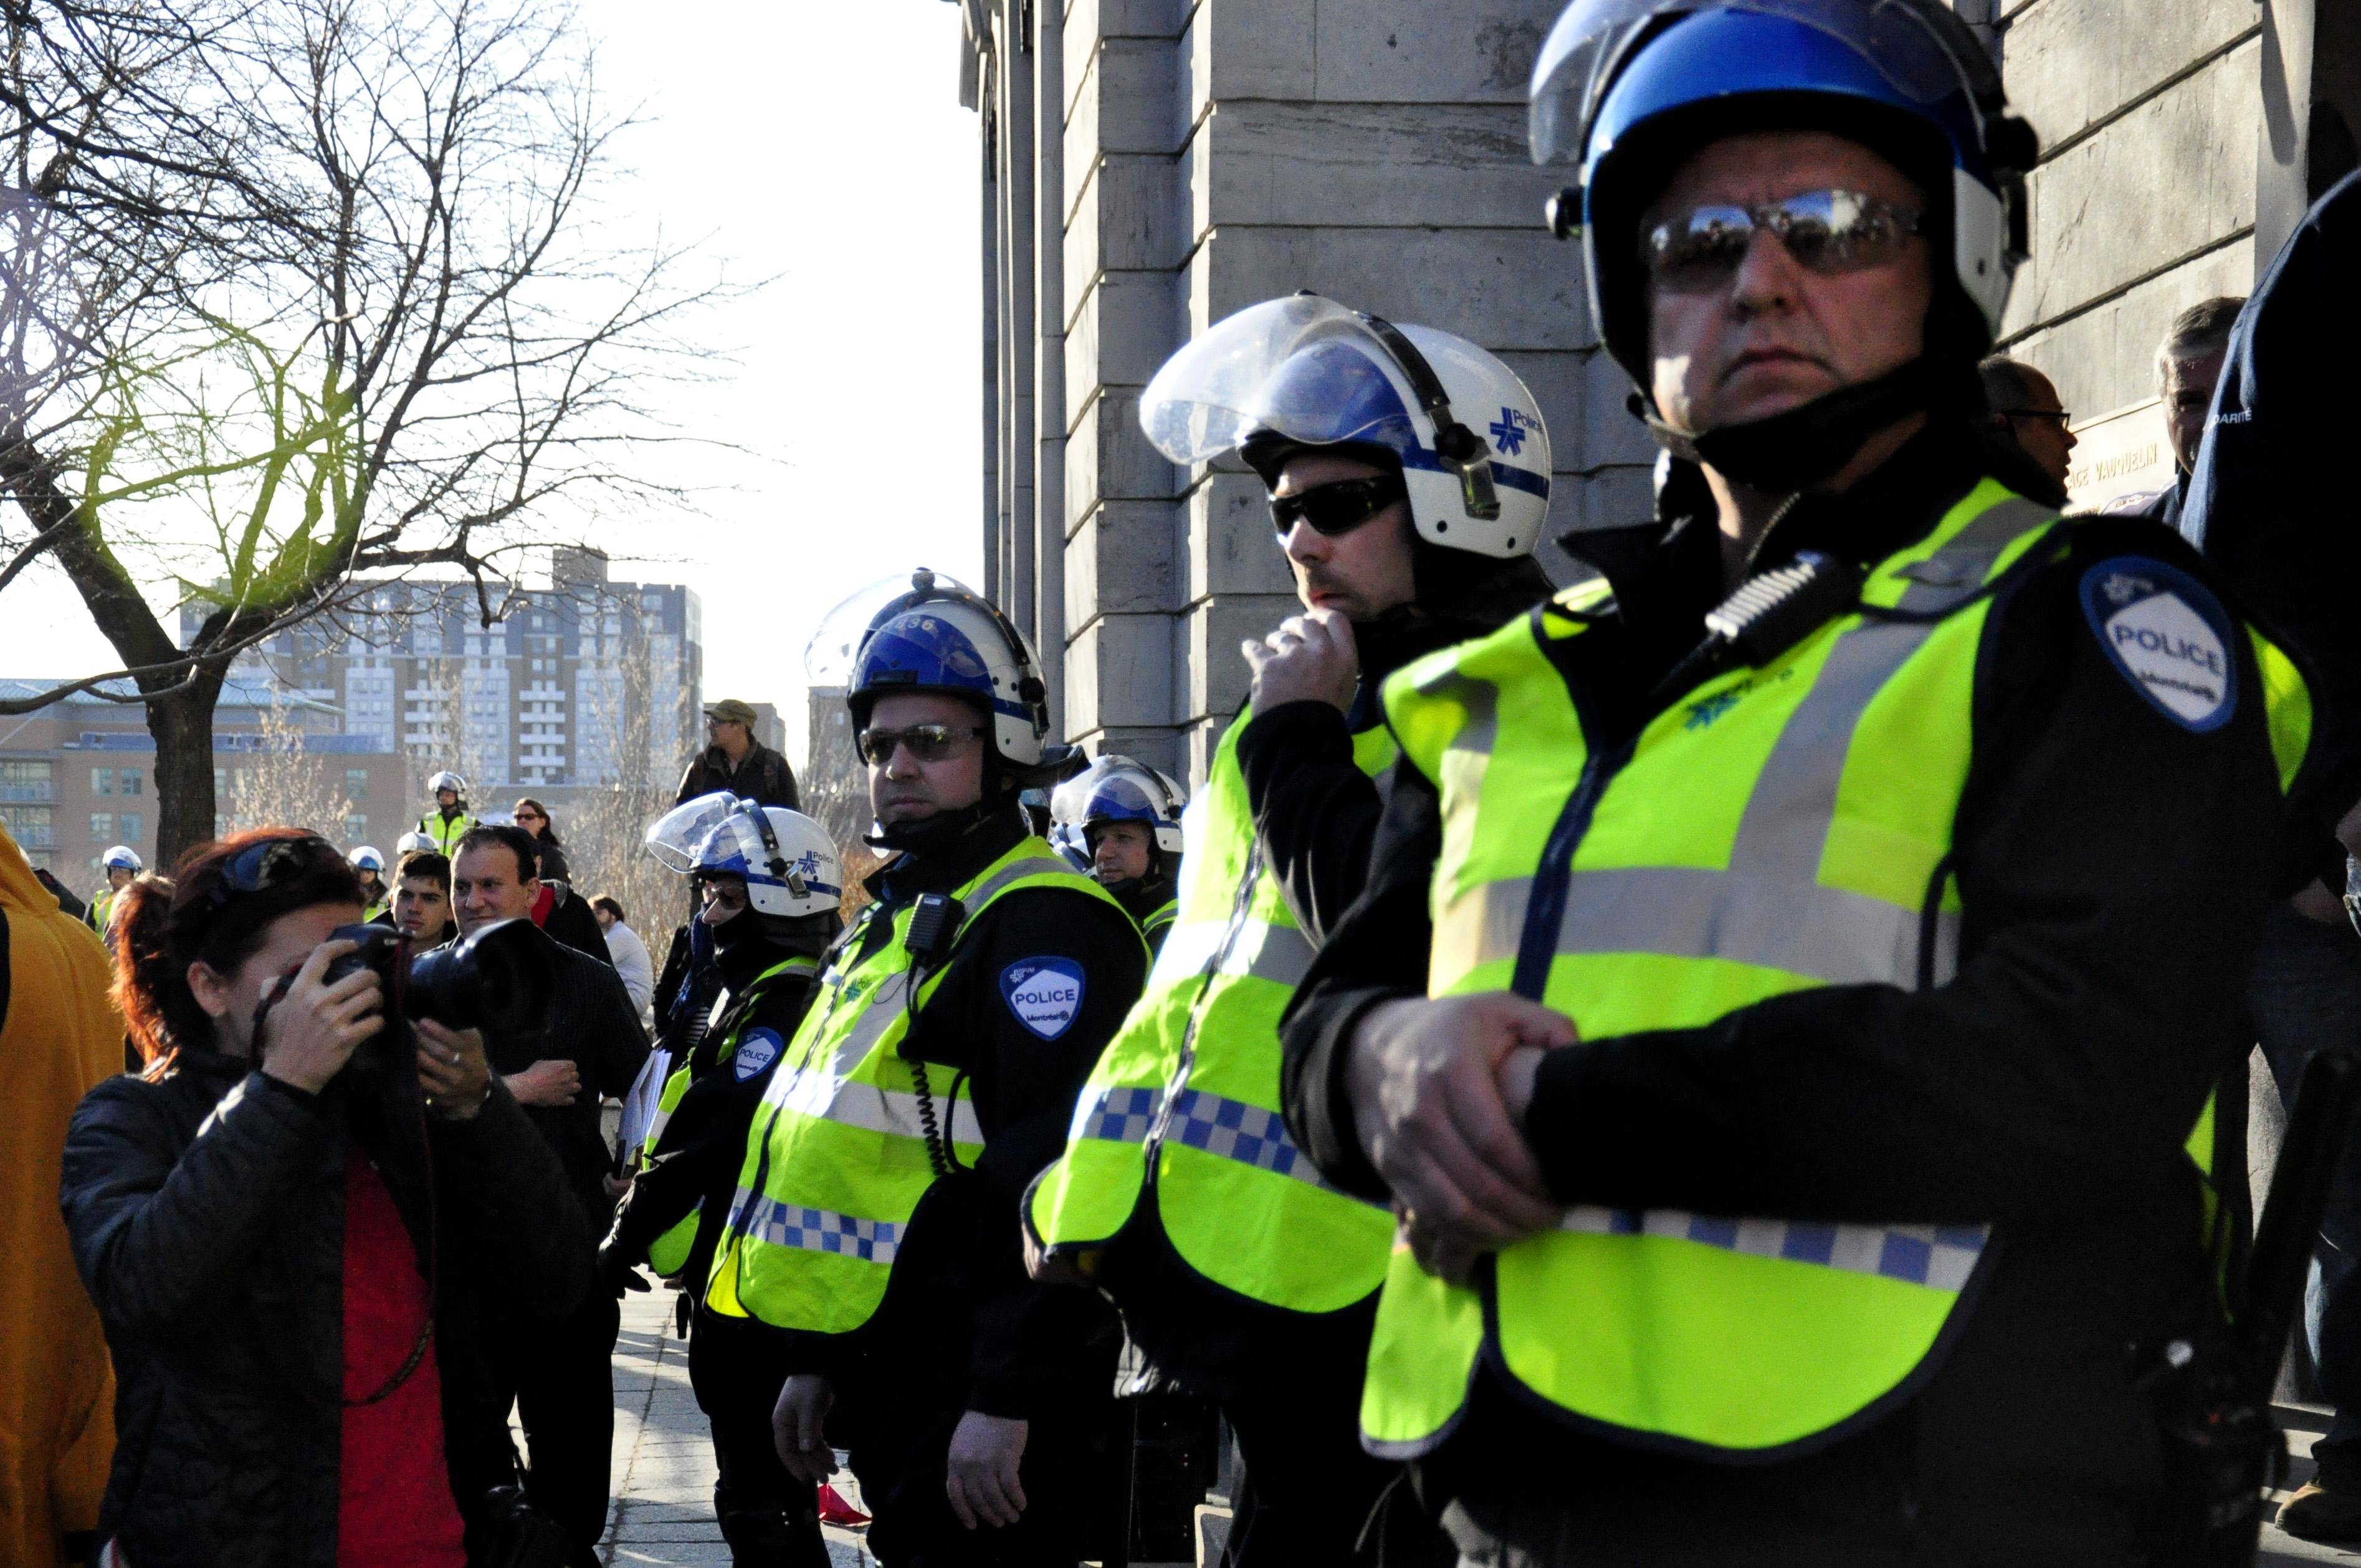 Plein feux sur le traitement musclé des journalistes par la police dans le cadre des manifestations au Québec